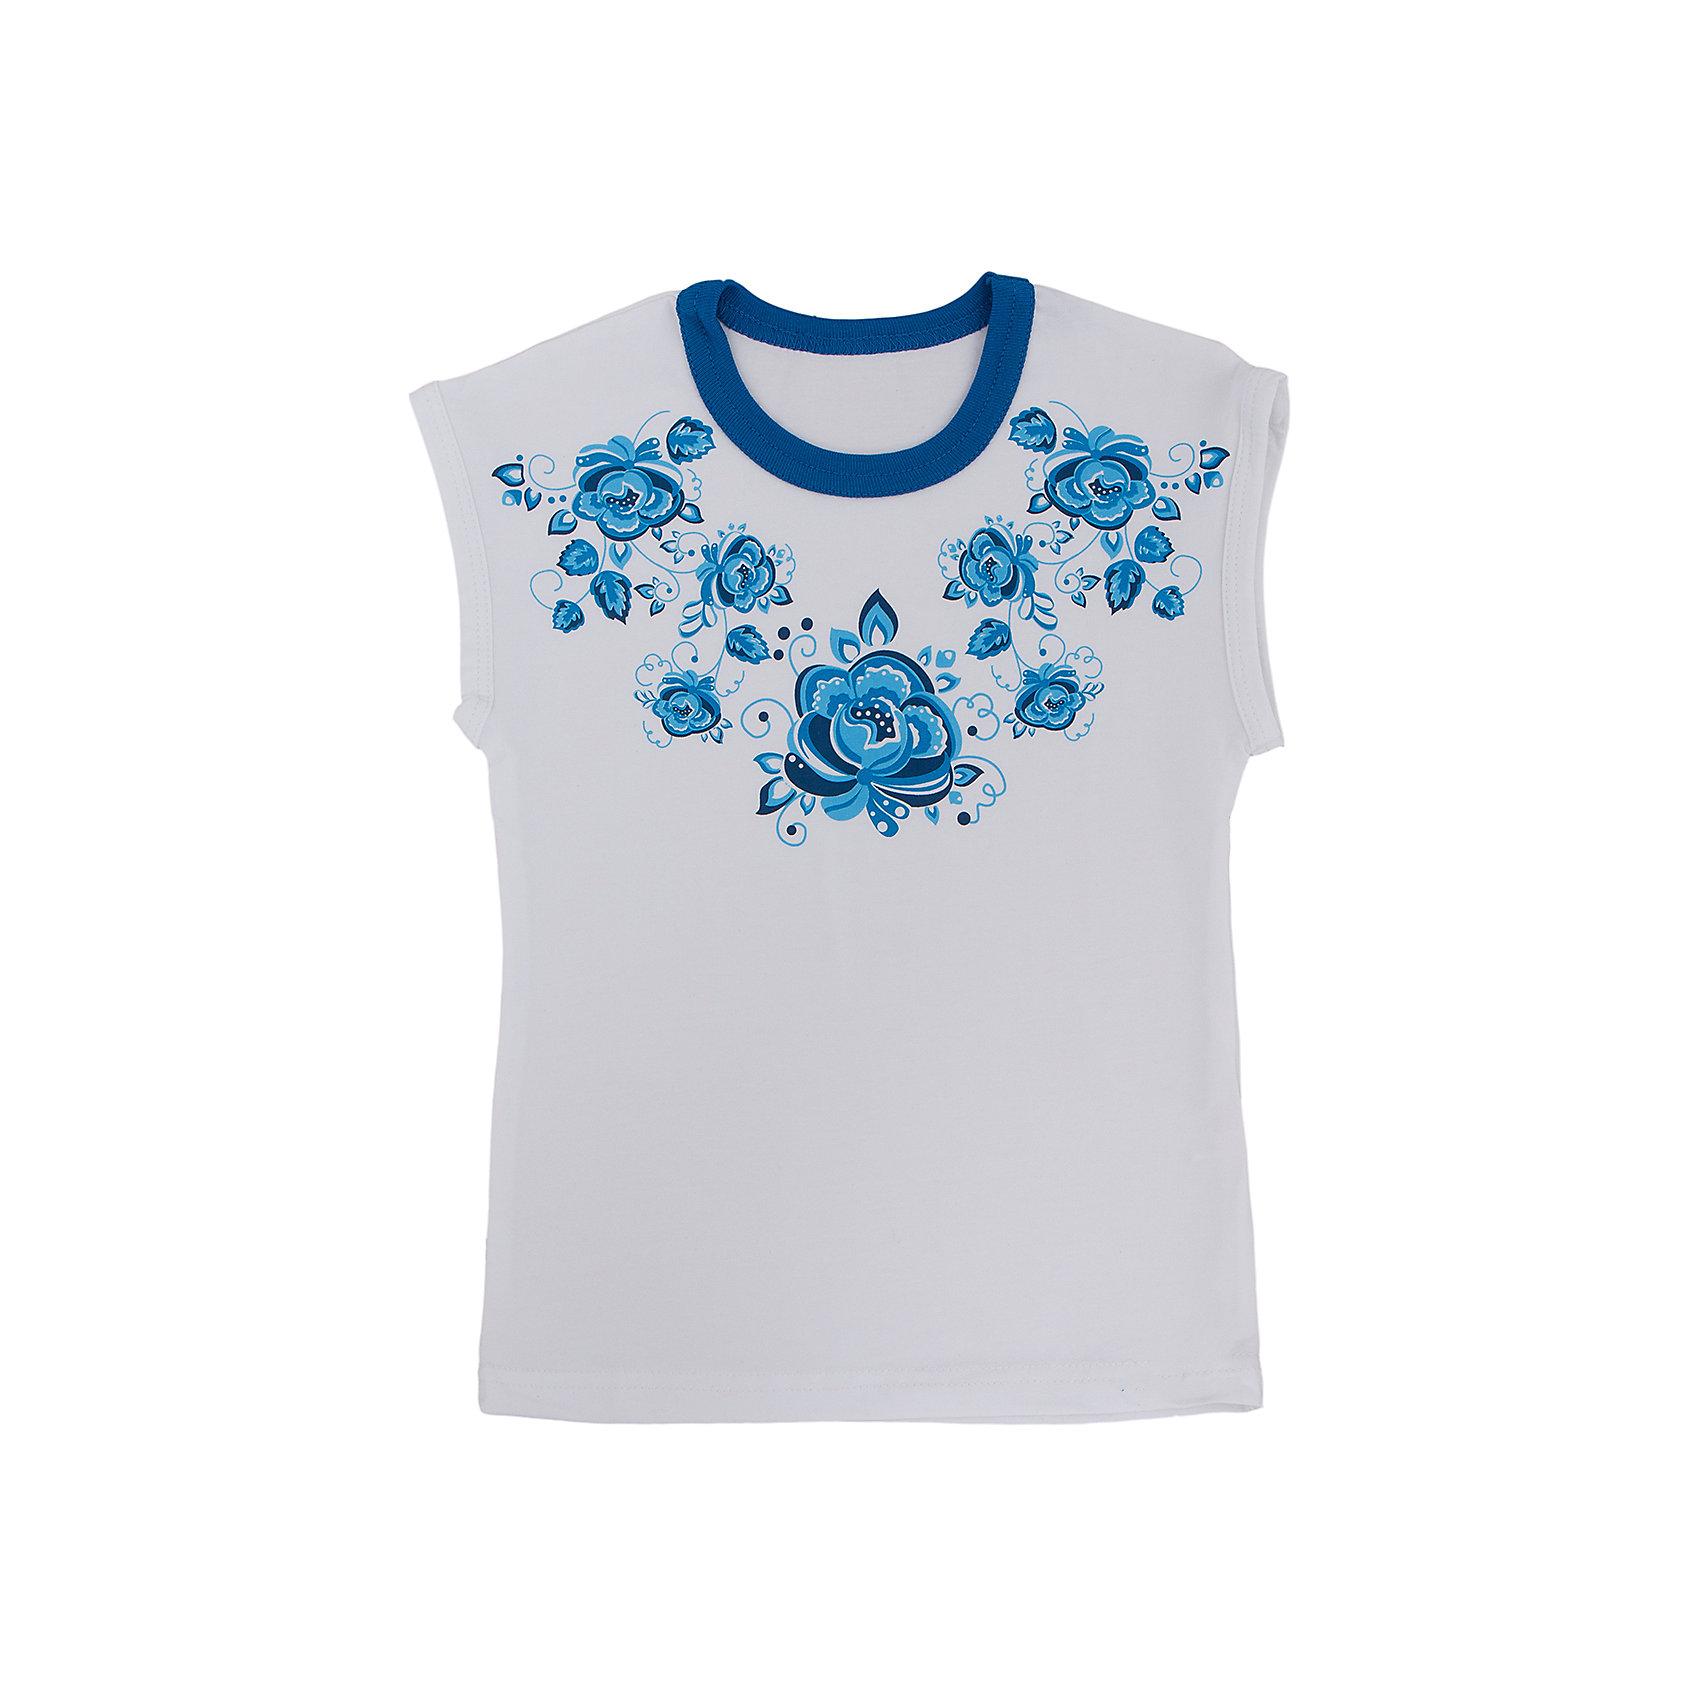 Футболка для девочки АпрельФутболки, поло и топы<br>Красивая футболка из мягкого хлопка. Приятная на ощупь, не сковывает движения, обеспечивая наибольший комфорт. Изделие без рукавов, с контрастной горловиной, украшено дизайнерским цветочным принтом. Отличный вариант для ежедневного использования! Состав: 92% хлопок, 8% лайкра<br><br>Ширина мм: 190<br>Глубина мм: 74<br>Высота мм: 229<br>Вес г: 236<br>Цвет: белый<br>Возраст от месяцев: 48<br>Возраст до месяцев: 60<br>Пол: Женский<br>Возраст: Детский<br>Размер: 110,116,98,104,92,128,122<br>SKU: 4630438